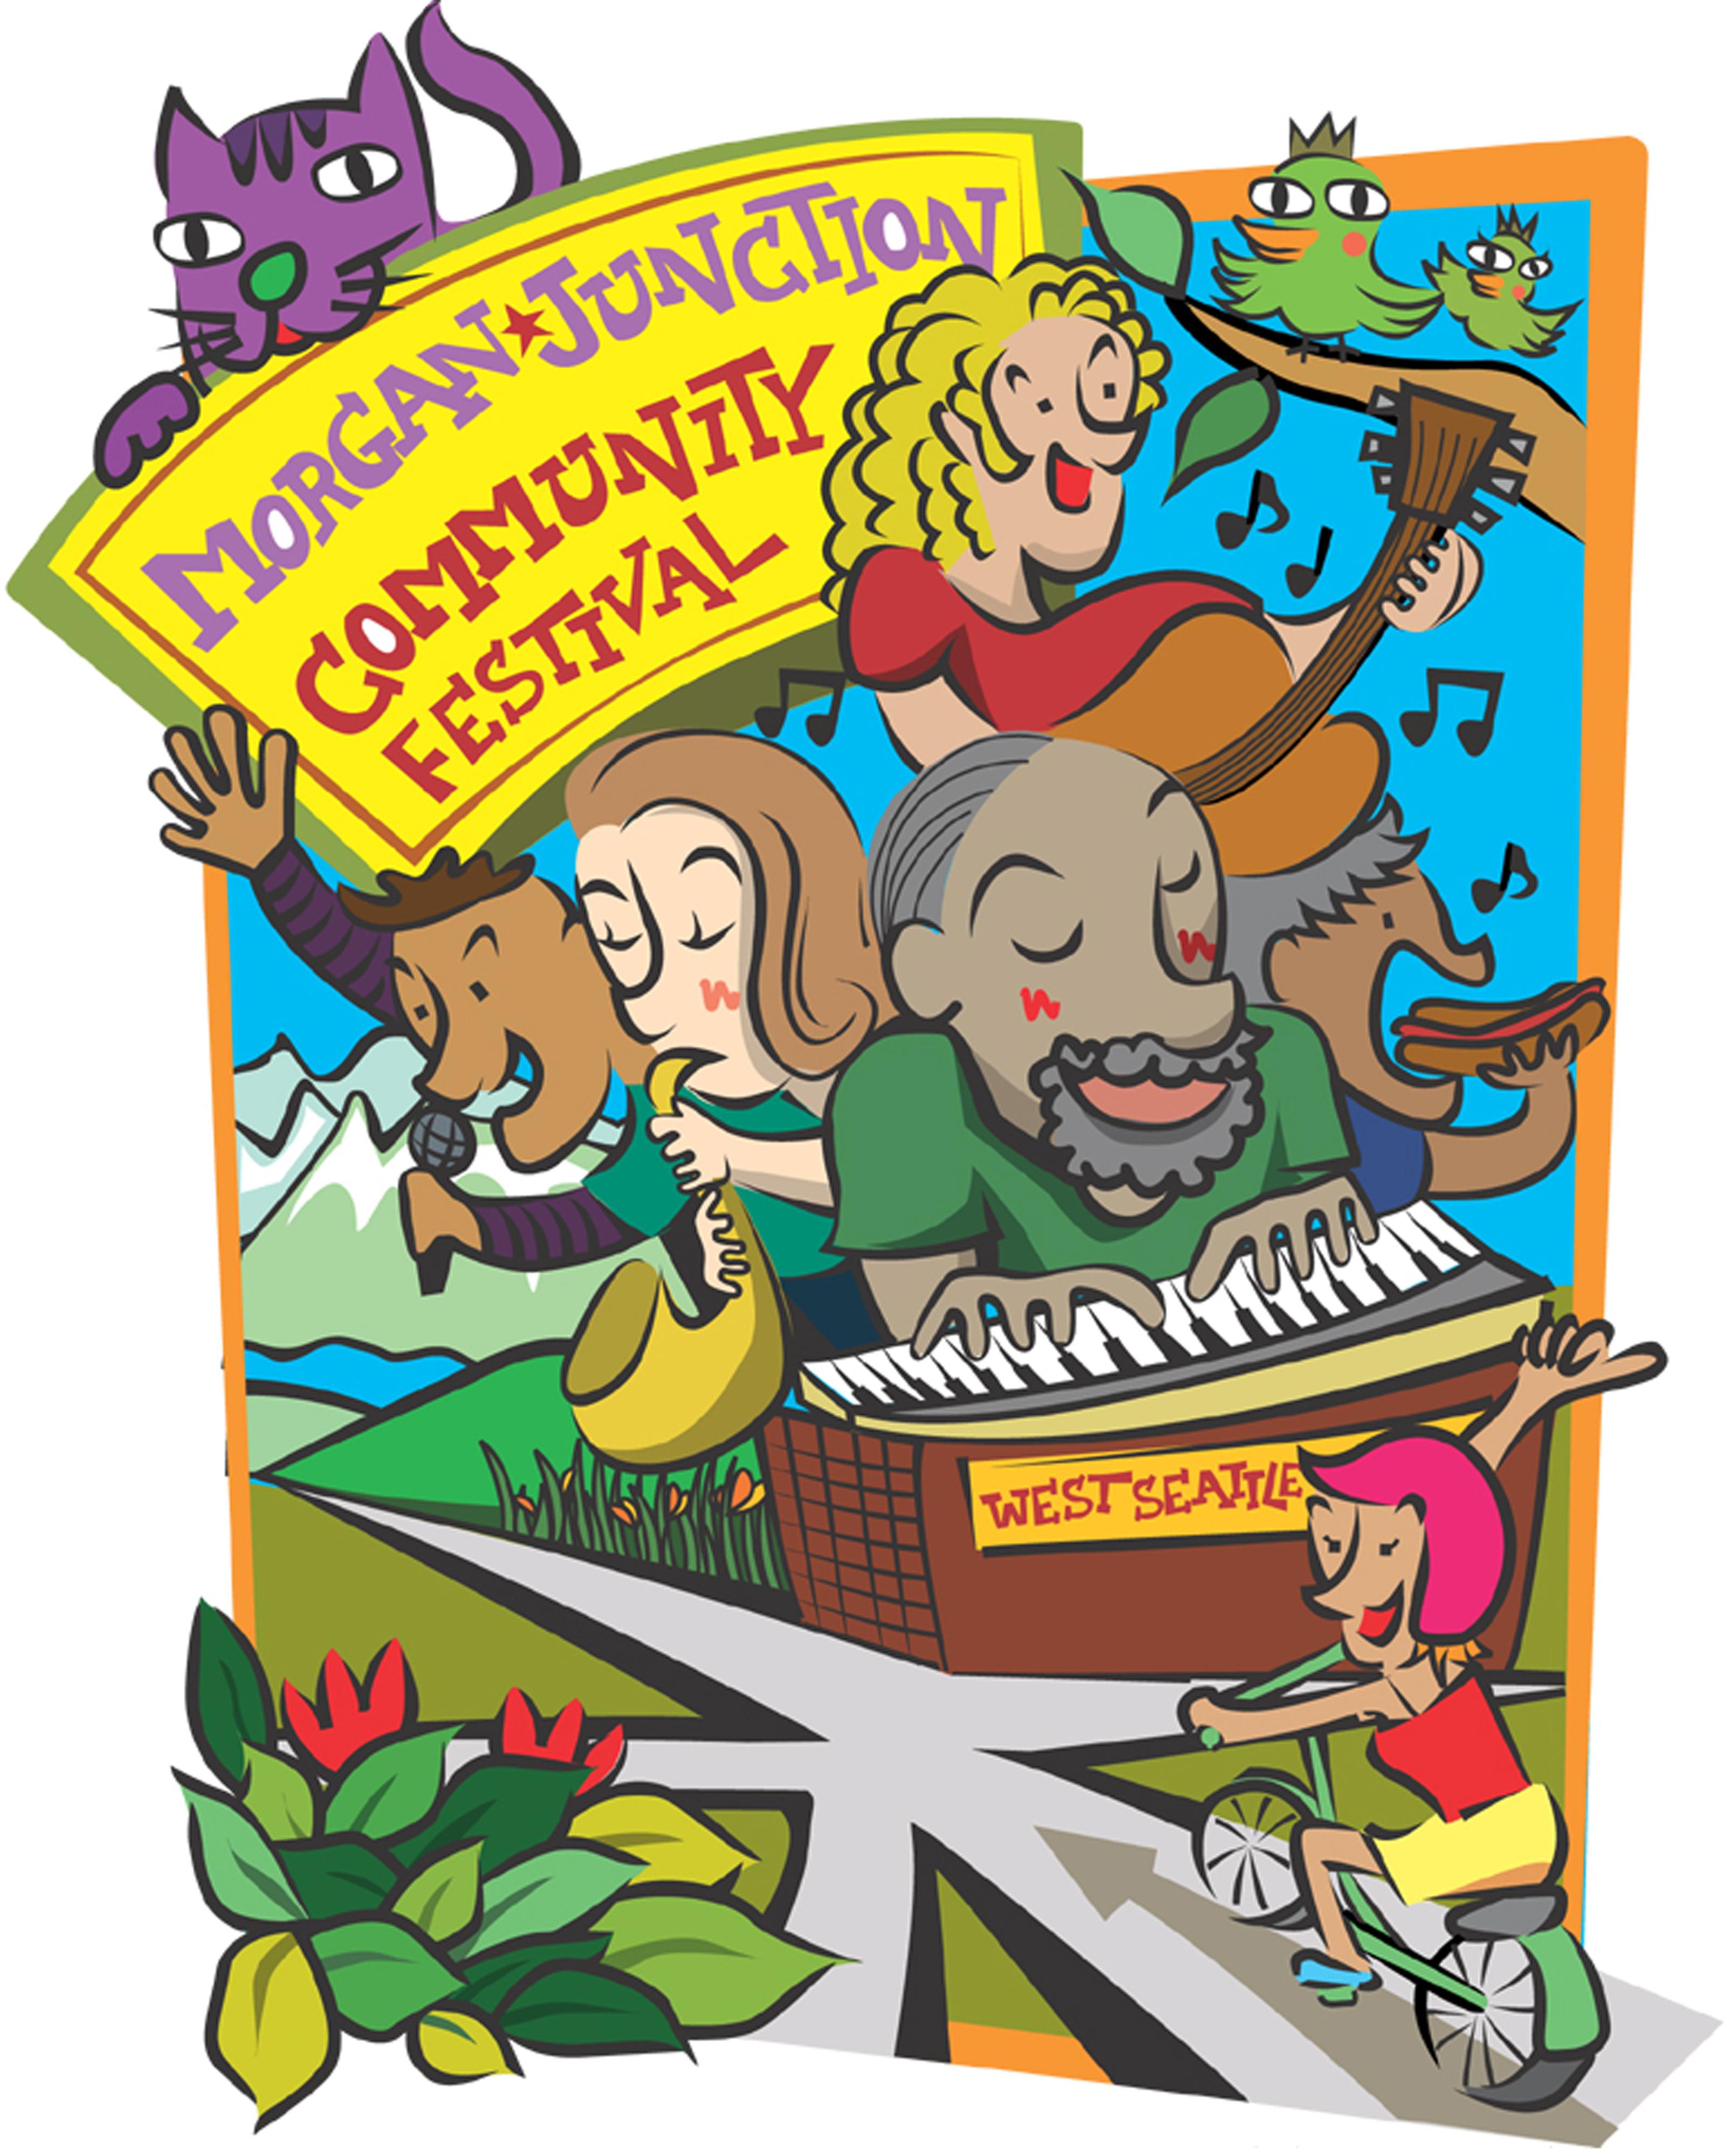 Applause clipart street festival. Morgan junction will kick